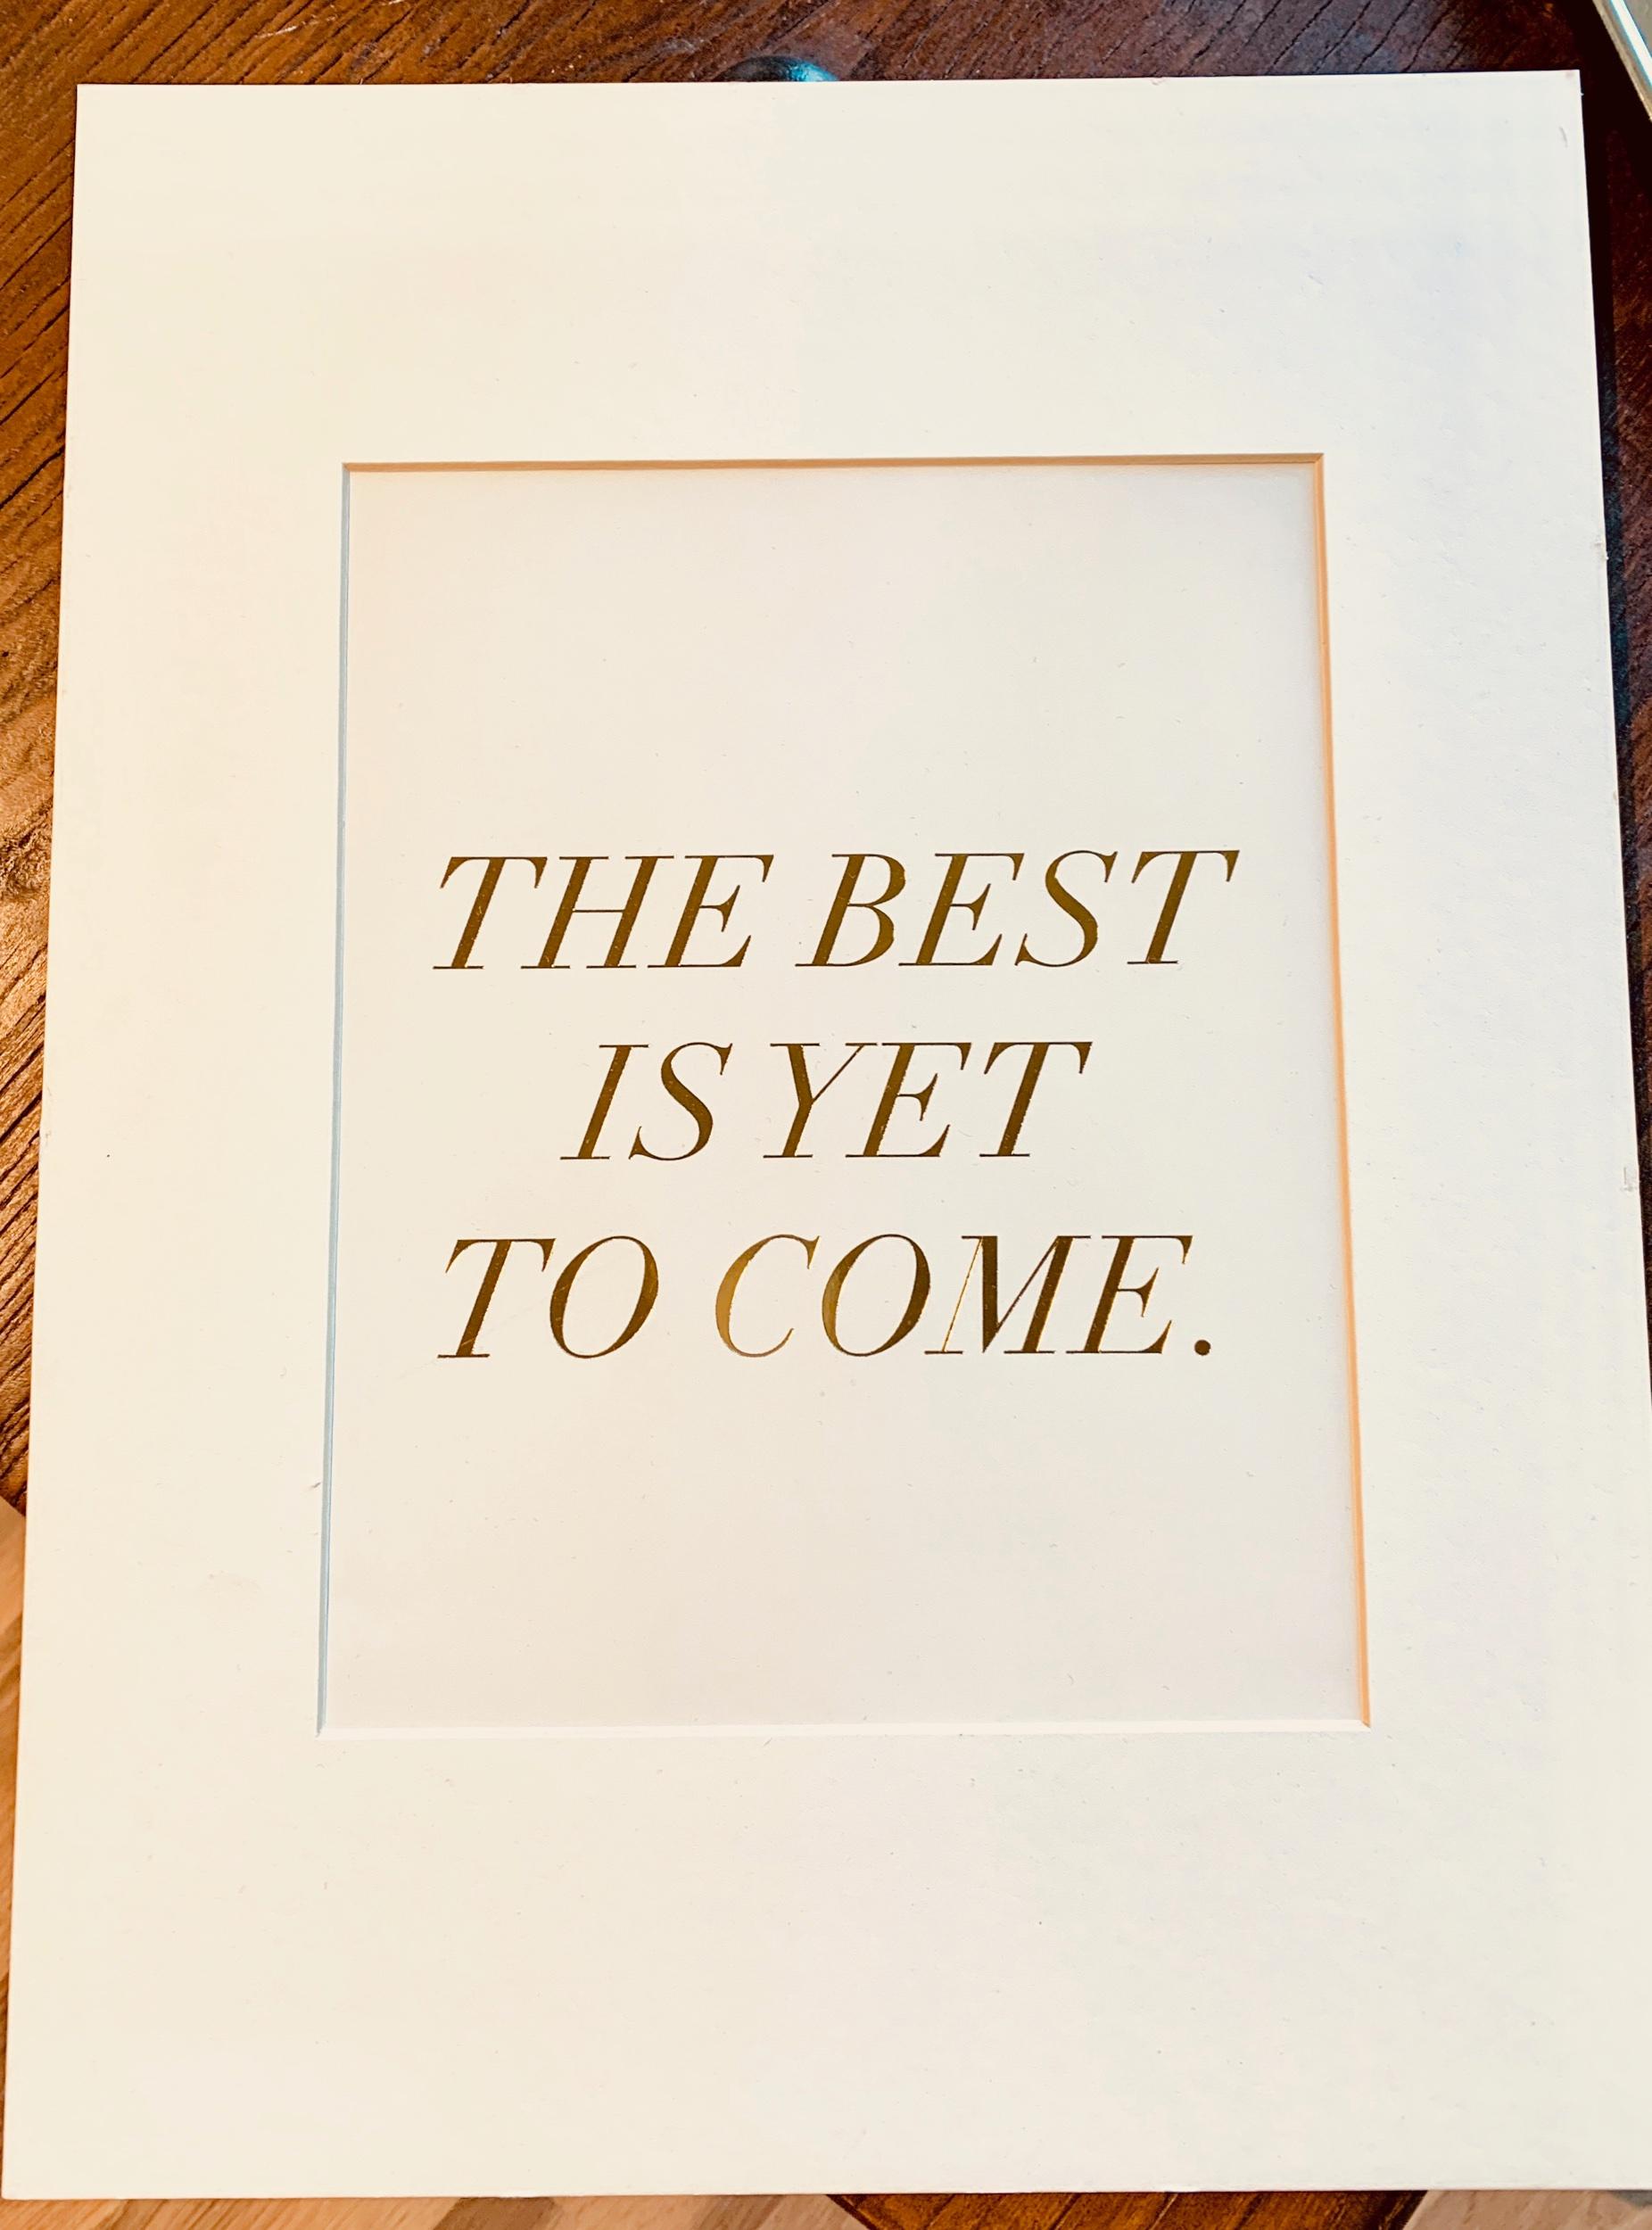 Believe it, feel it, embrace it, go with it.